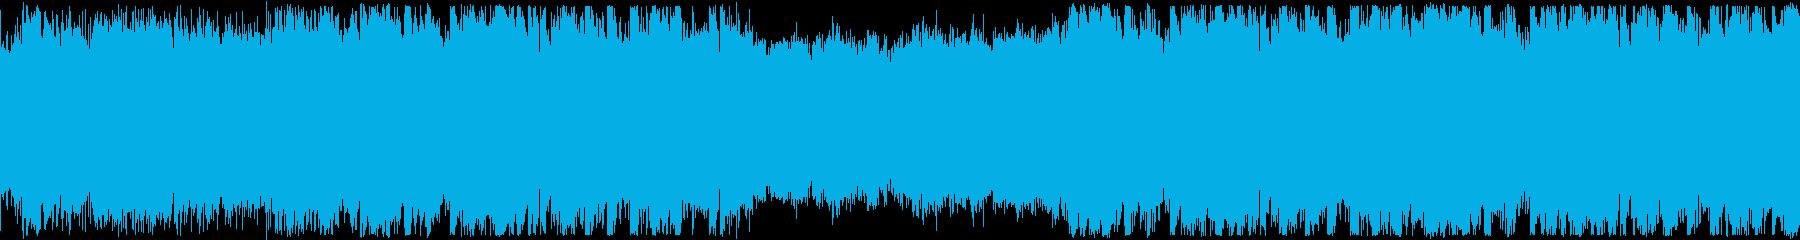 ループ・洋楽・おしゃれフューチャーベースの再生済みの波形